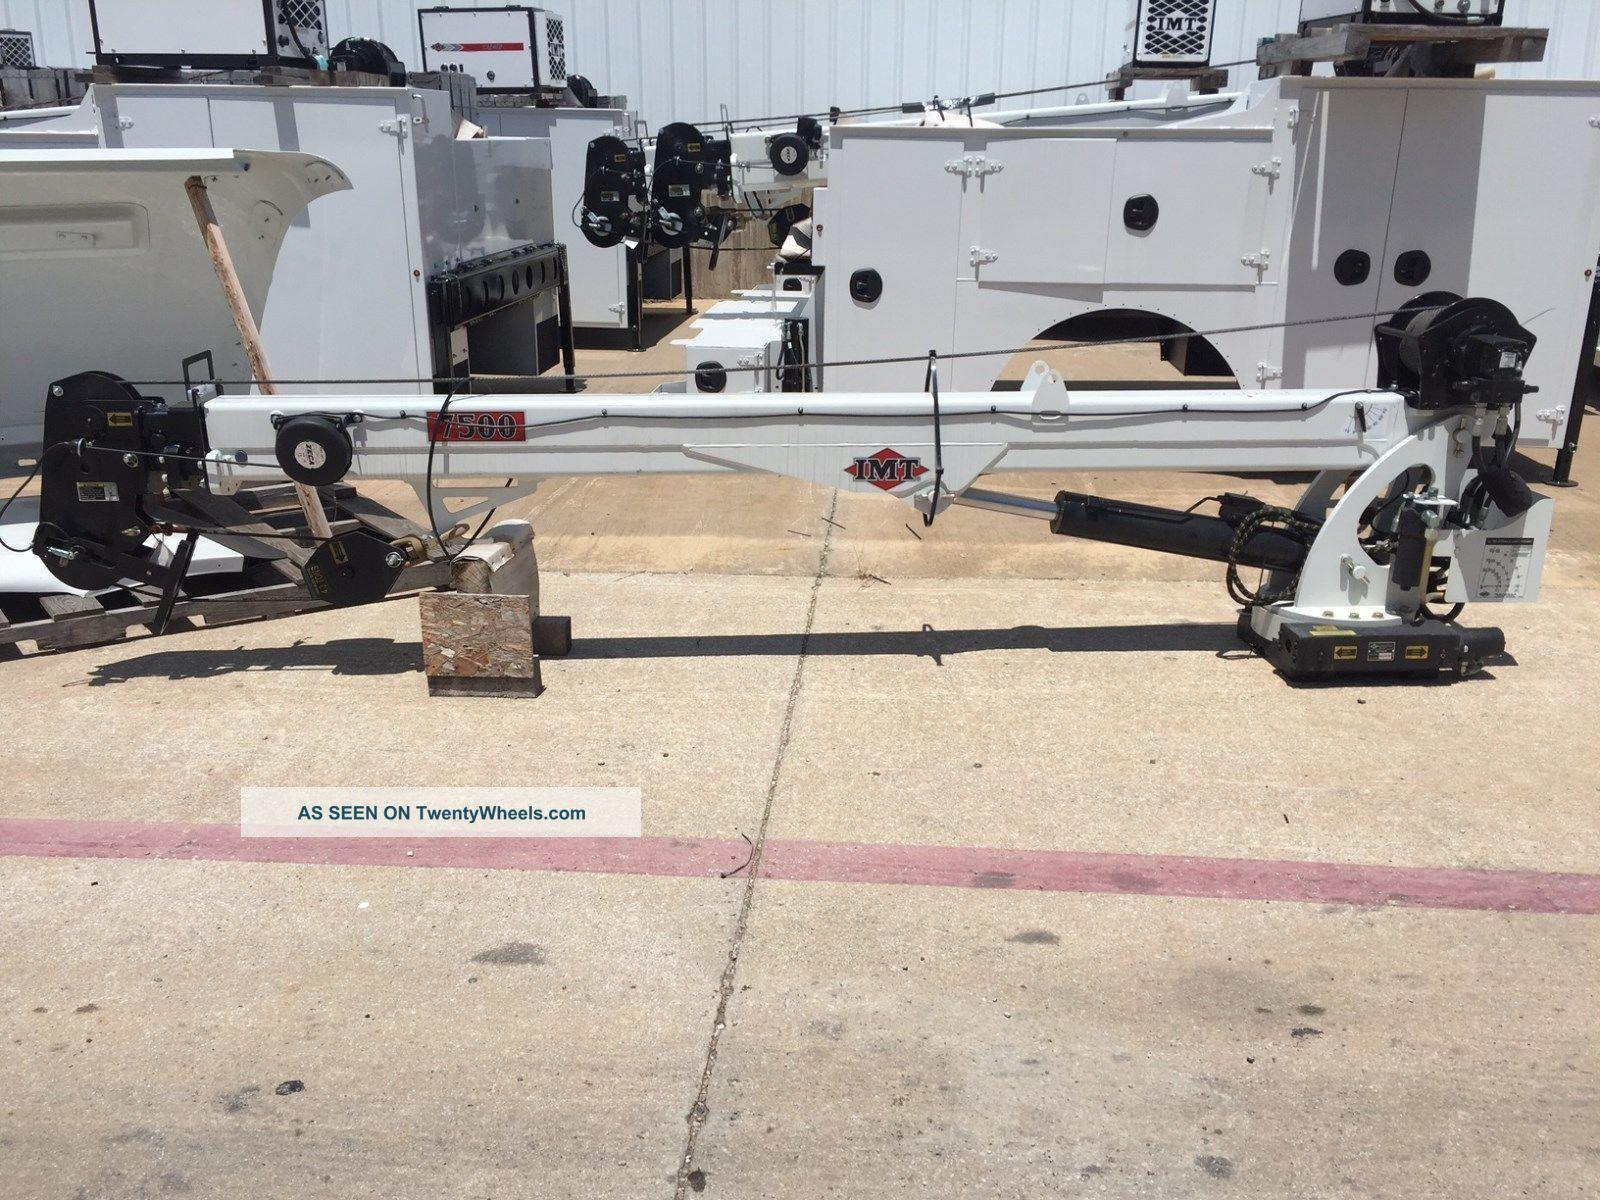 Imt 7500 Telescopic Crane - 22ft Cranes photo